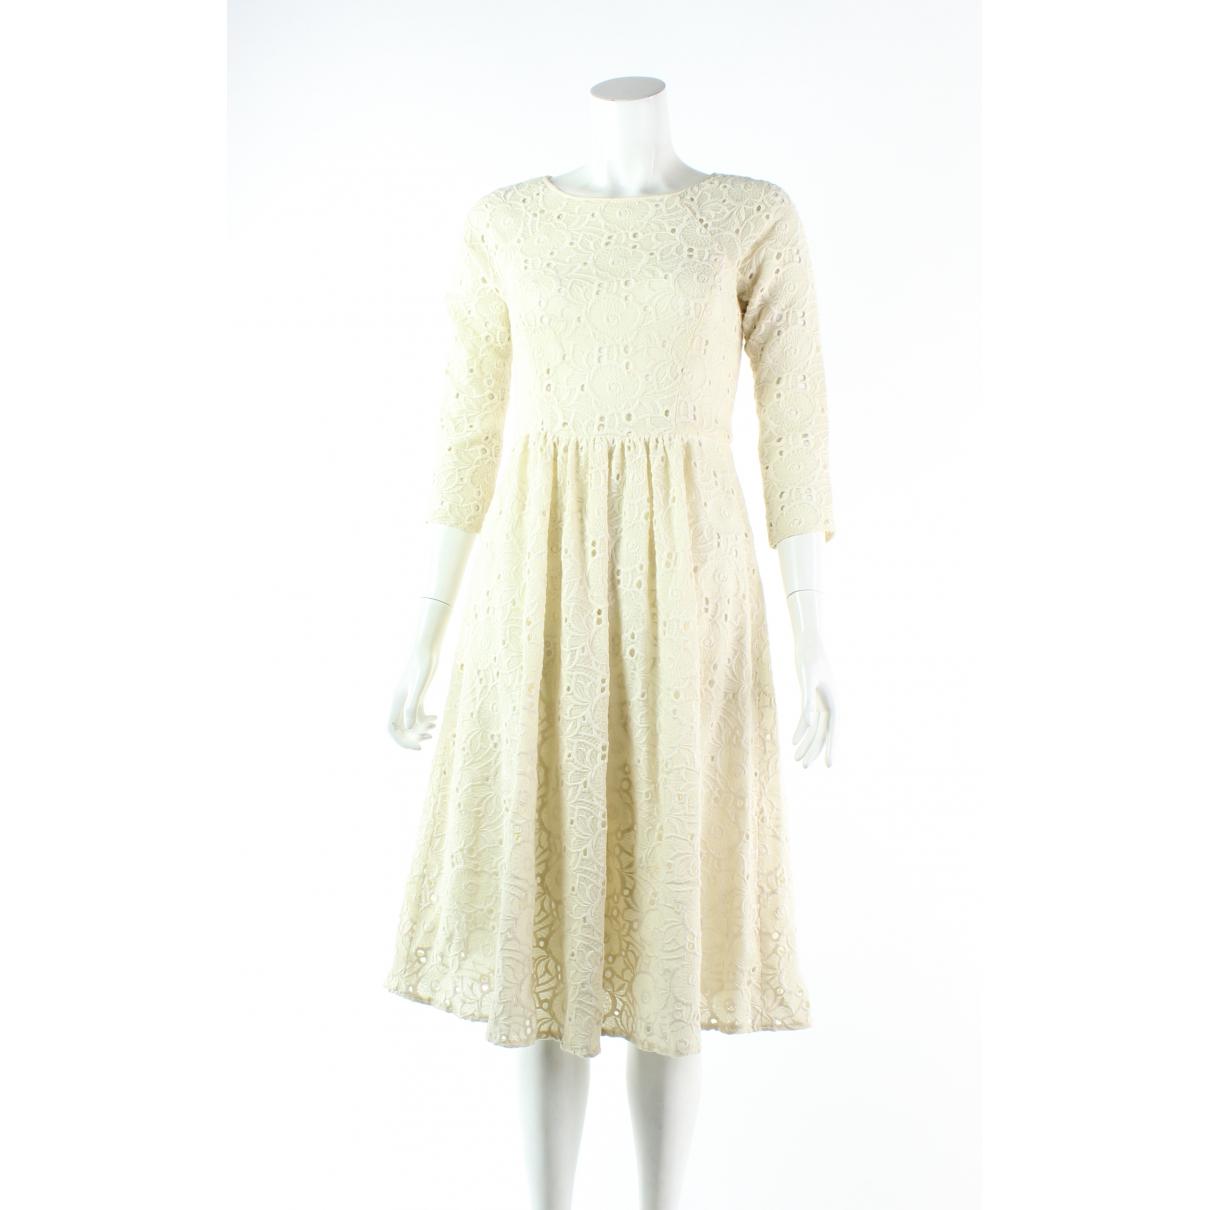 Tibi \N Kleid in  Weiss Wolle